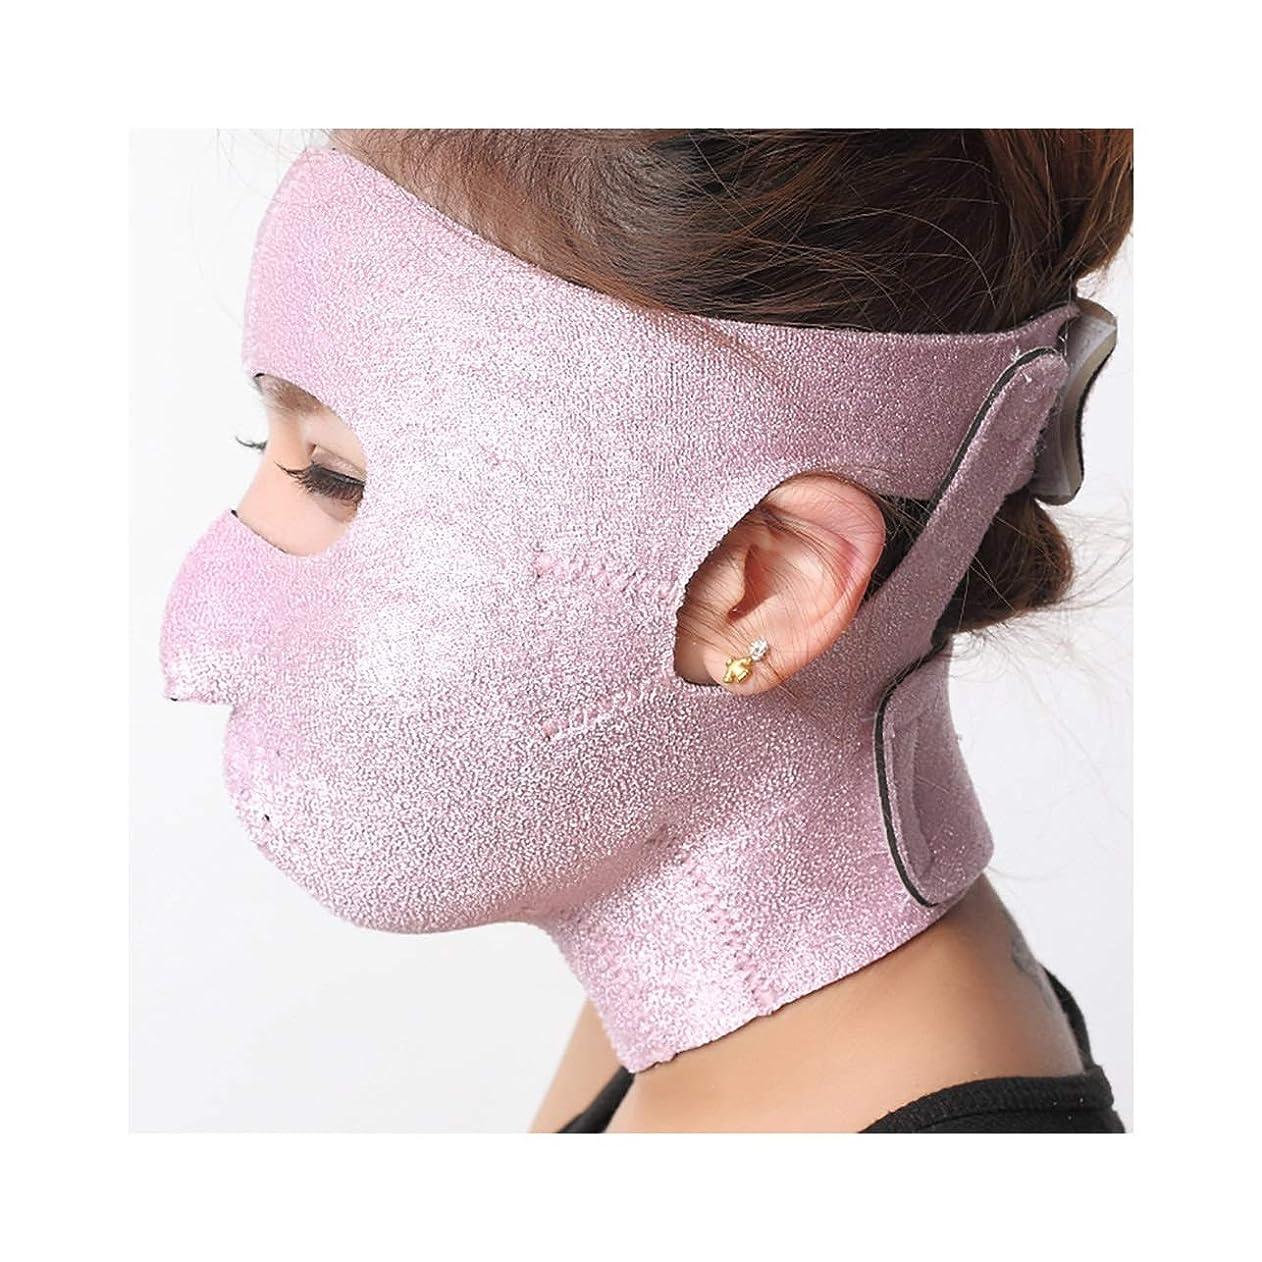 波紋北へわかりやすいTLMY 引き締めマスク小さなVフェイスアーティファクト睡眠薄いフェイス包帯マスクと引き締めマスク引き締めクリームフェイスリフトフェイスメロン 顔用整形マスク